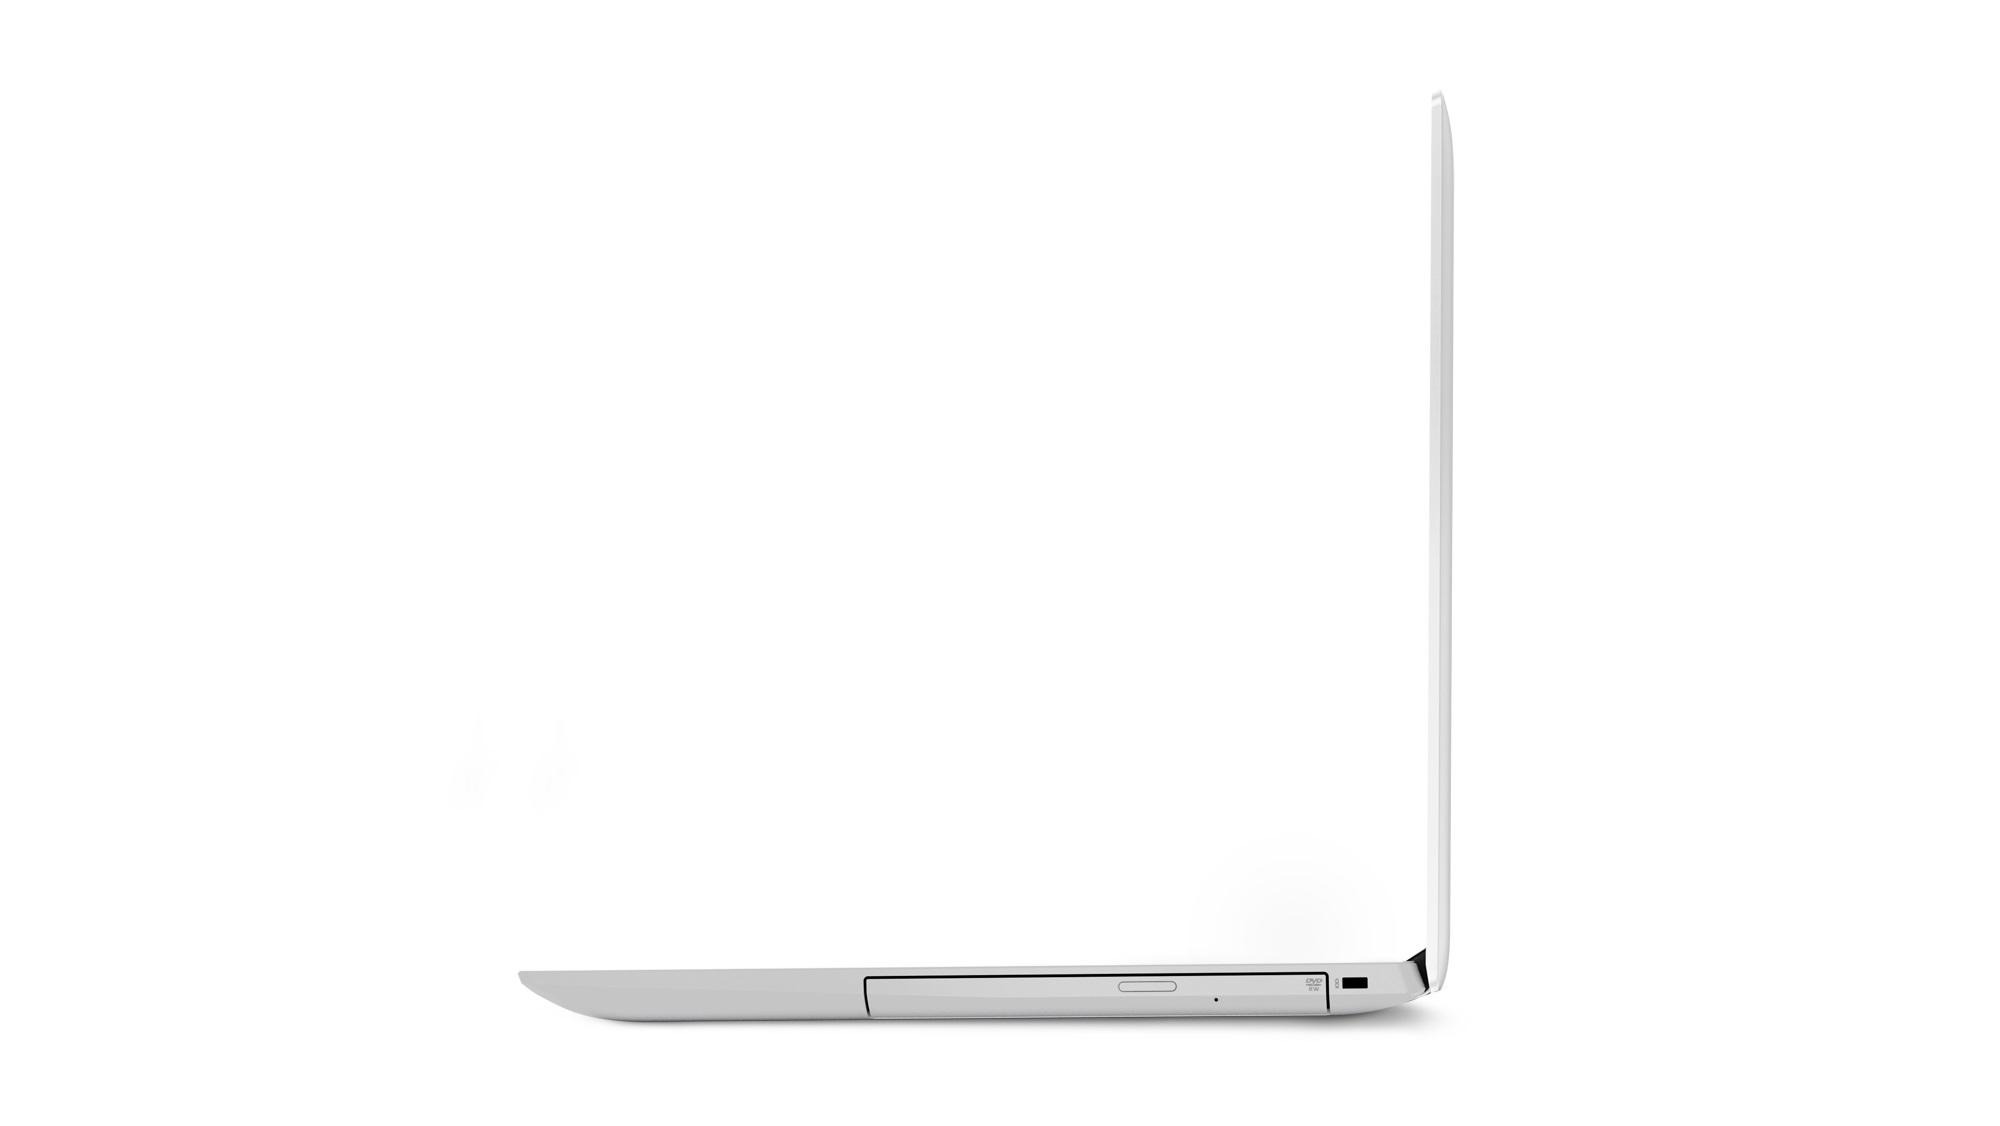 Фото  Ноутбук Lenovo ideapad 320-15ISK Blizzard White (80XH00W3RA)